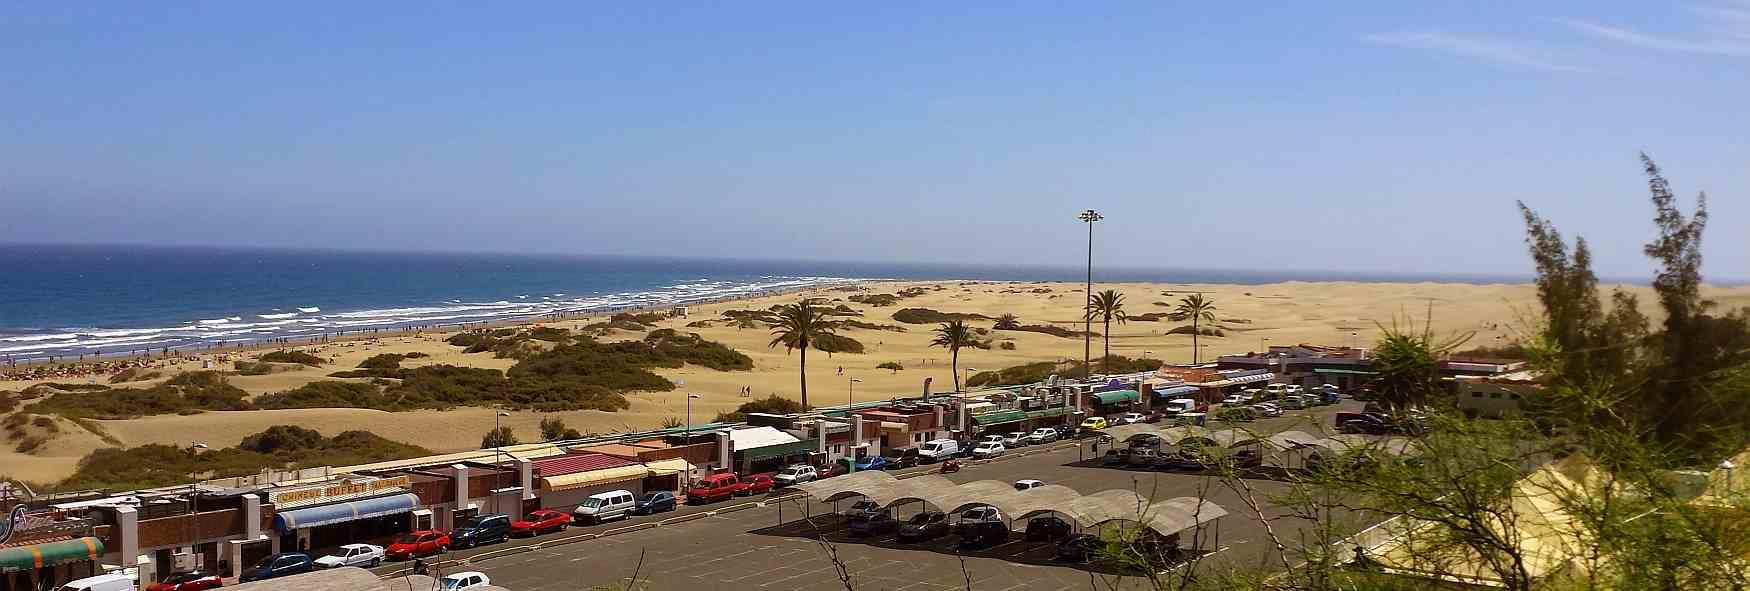 Ausflüge und Sehenswürdigkeiten in Playa del Ingles